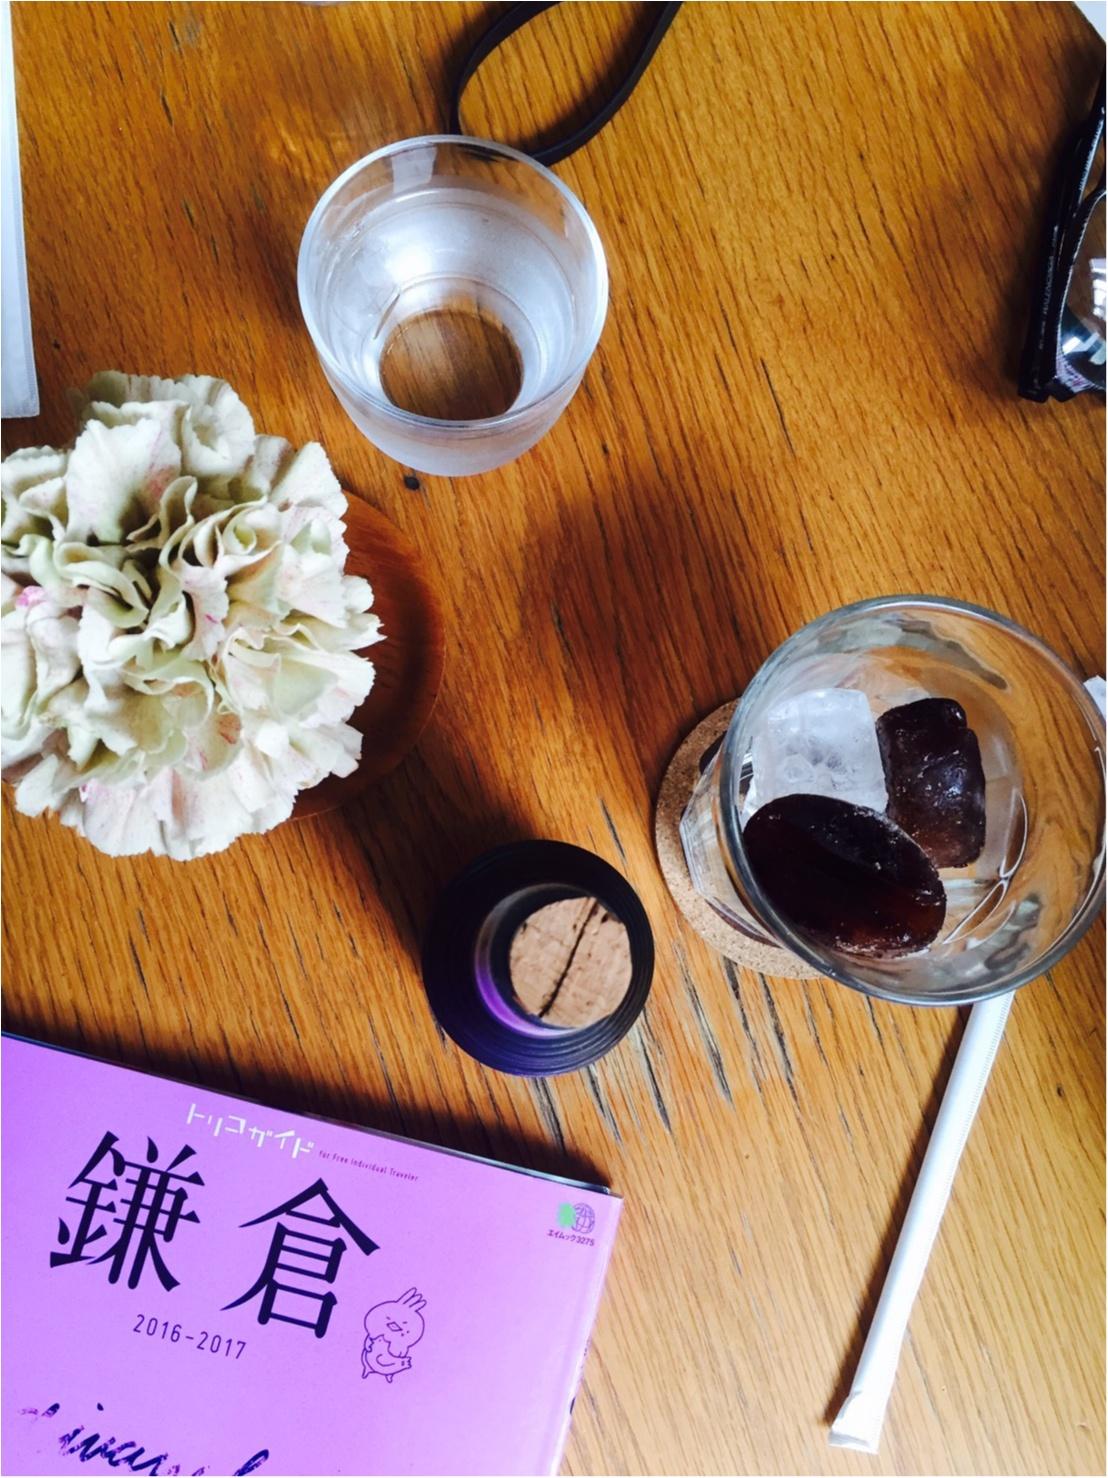 プチ女子旅どこに行く?春の鎌倉で食べ歩きツアーしちゃおう♡_3